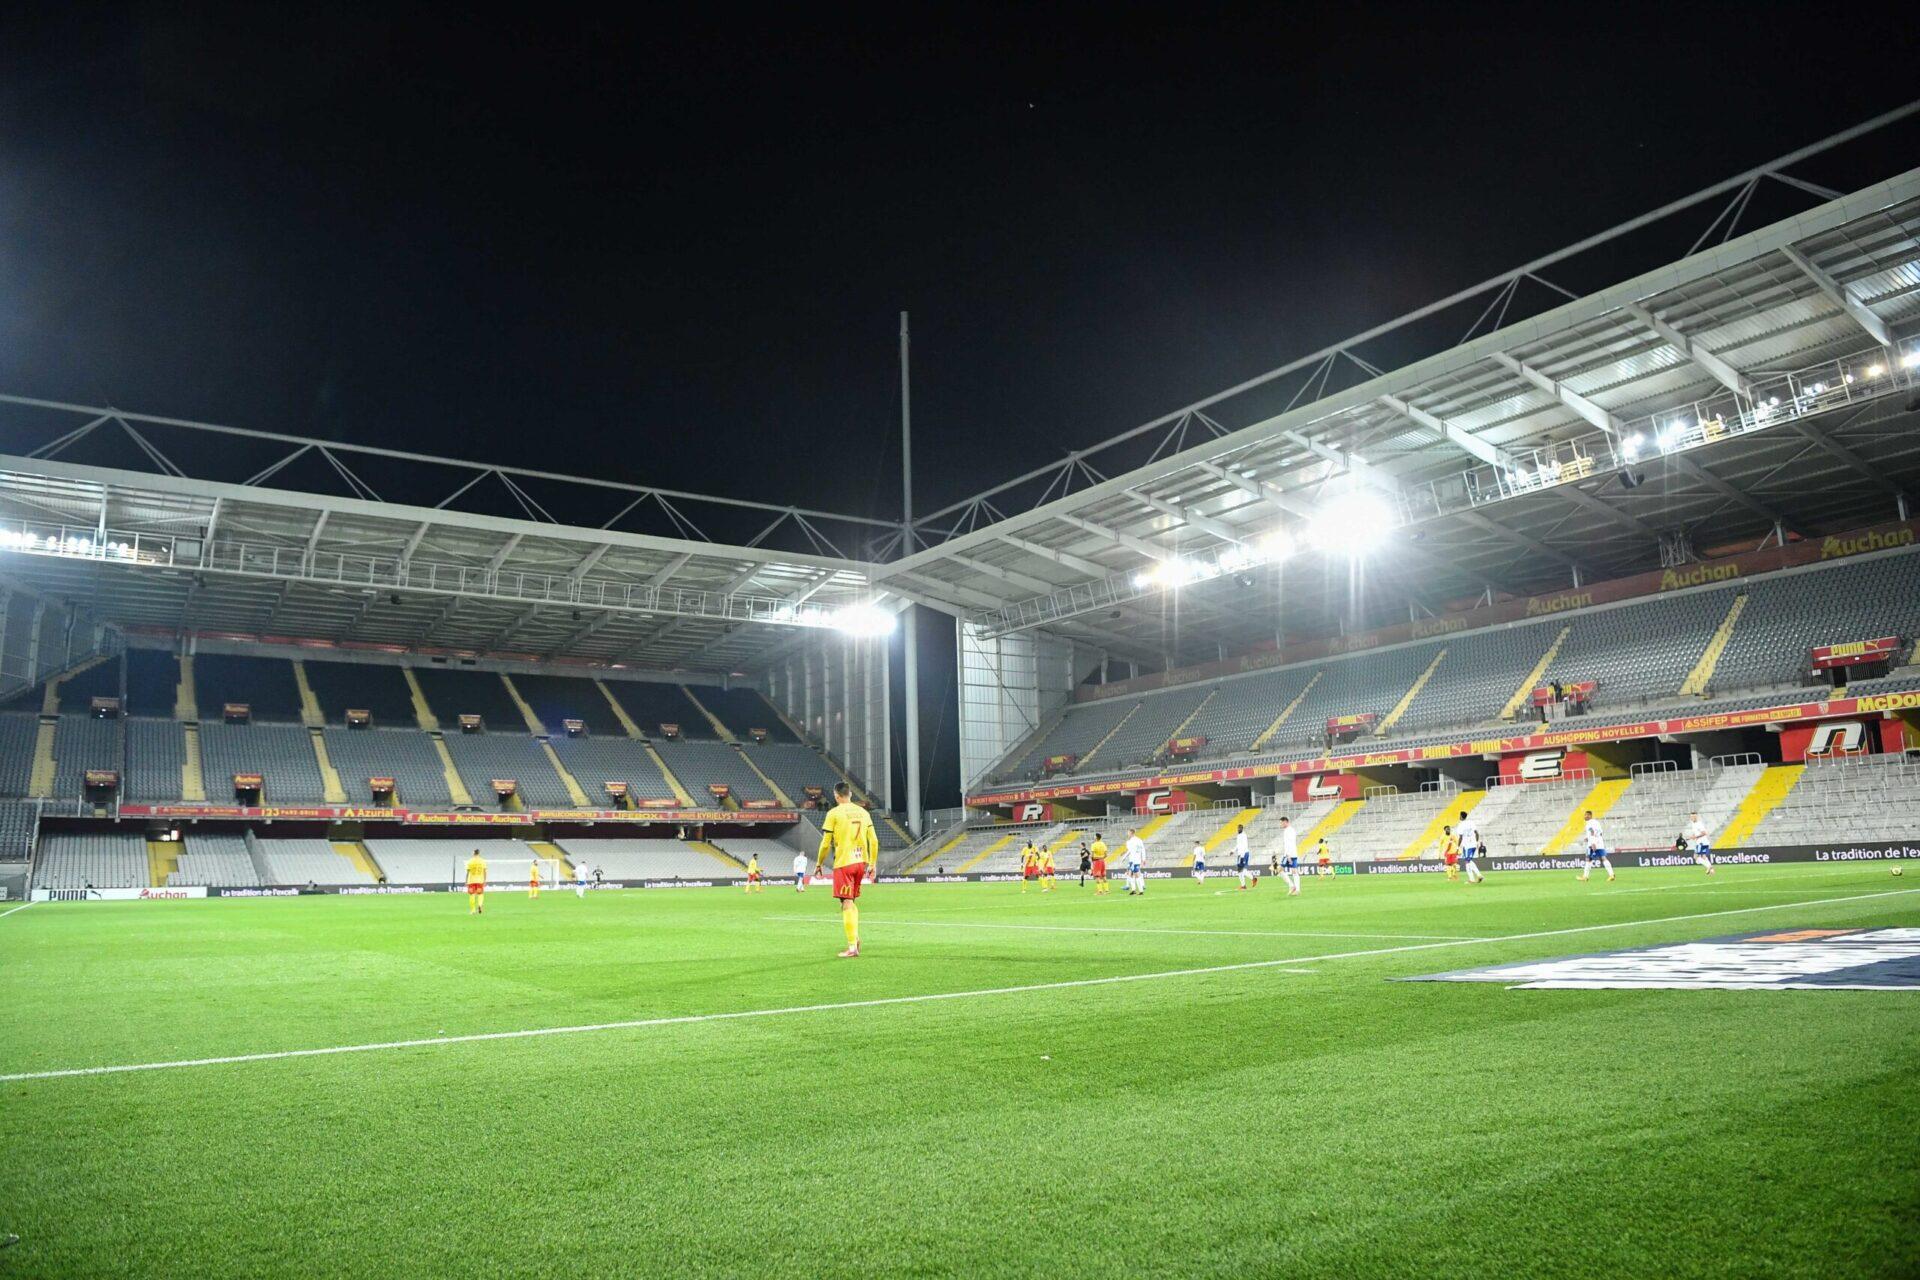 La tribune visiteurs du stade Bollaert-Delelis sera fermée le temps que des travaux de sécurisation y soient effectués (iconsport)